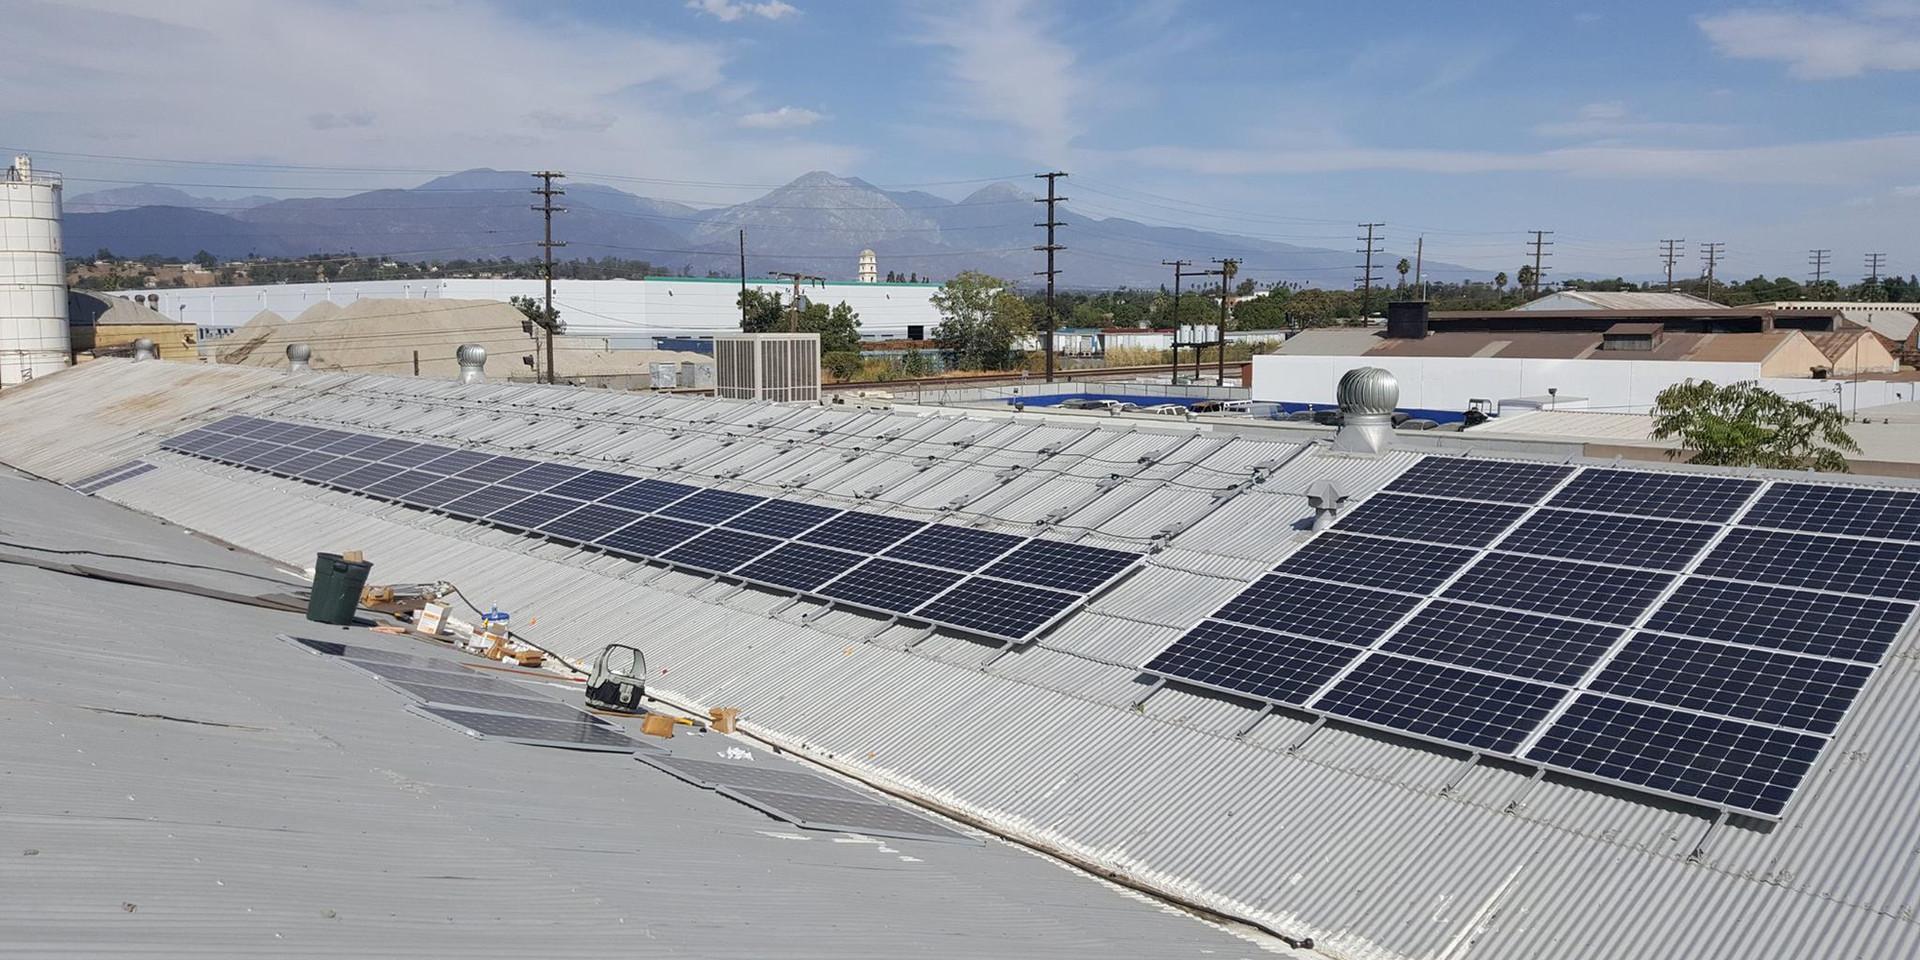 Commercial Solar Installation in Progress